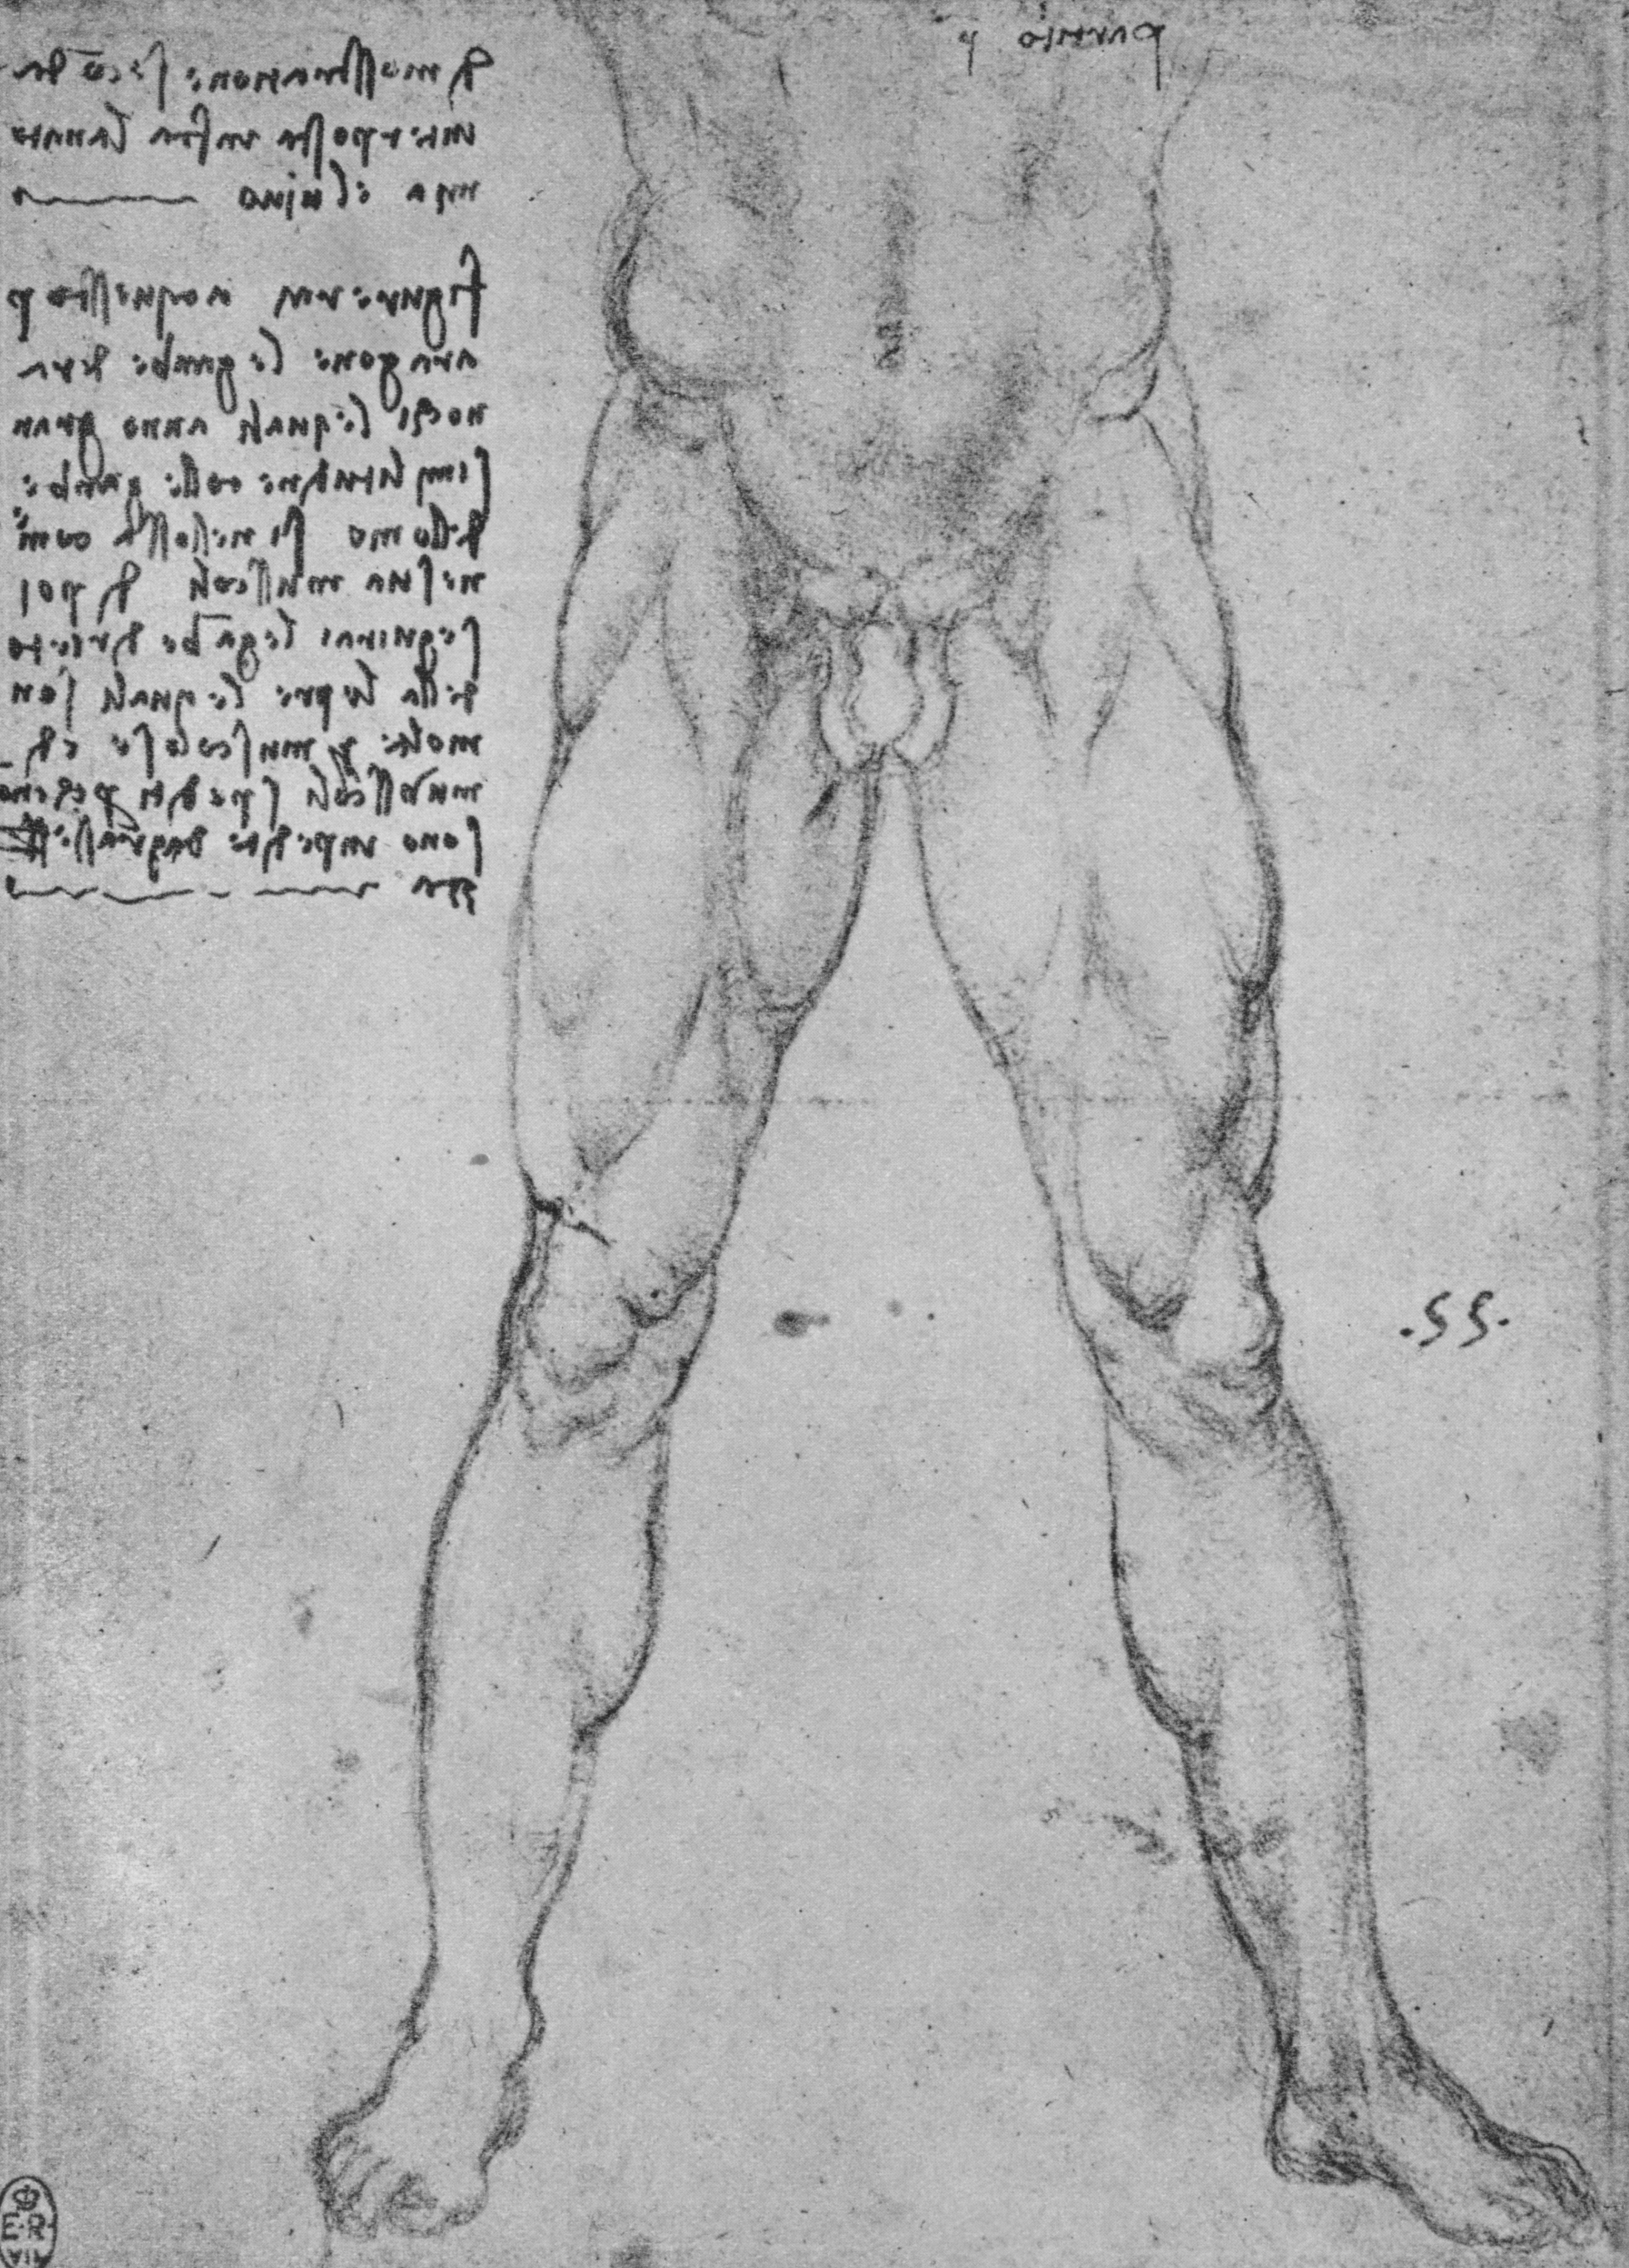 desenho de pênis feito por Leonardo da Vinci